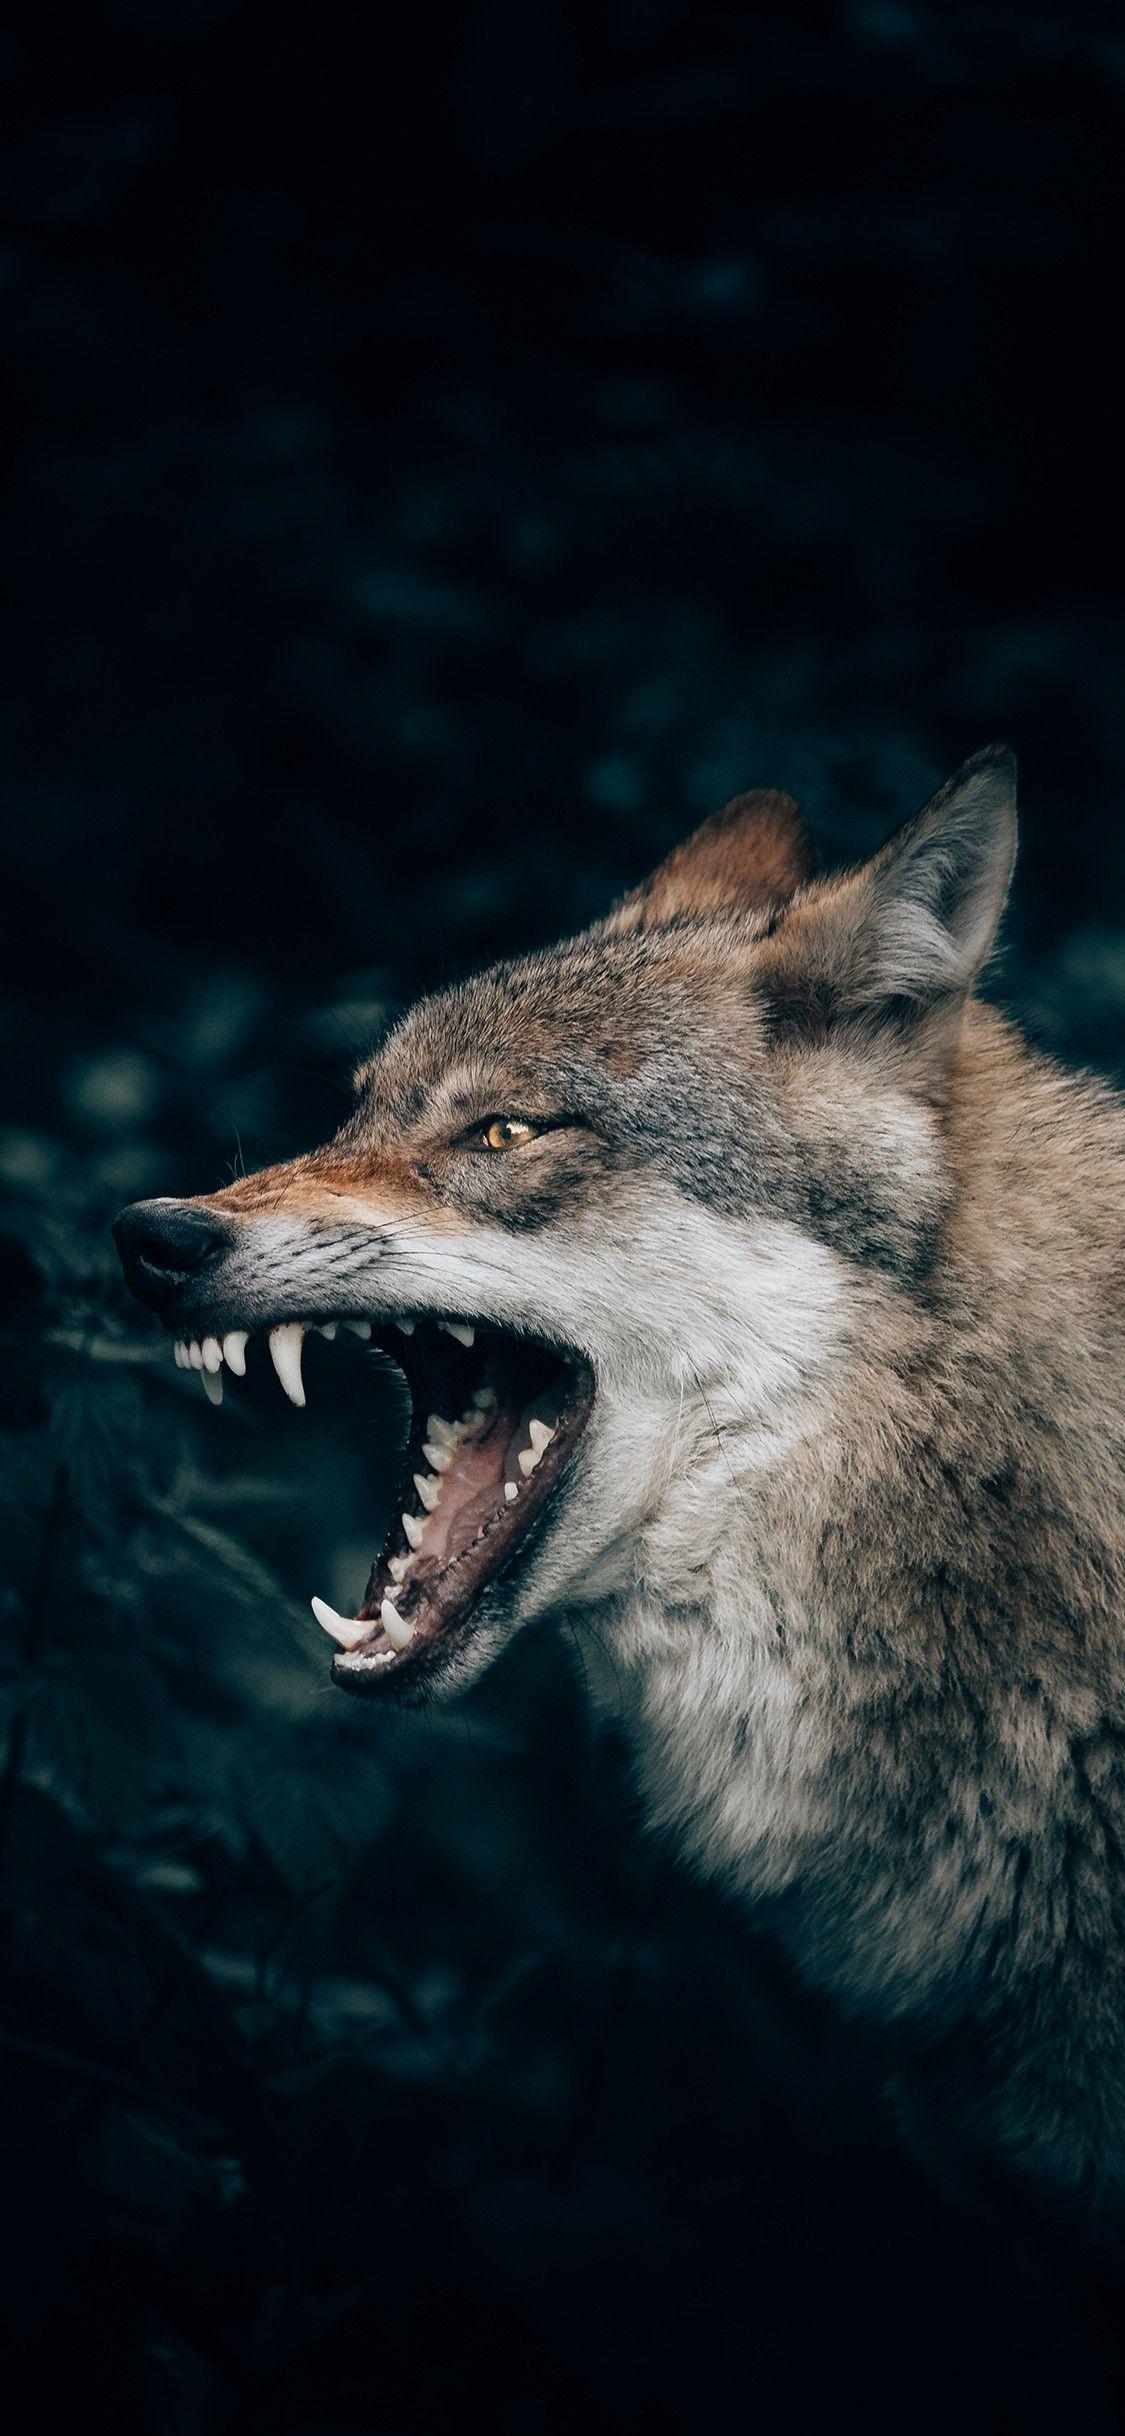 Pin by Evgeniya Angelova on Wolf in 2020 Wolf wallpaper